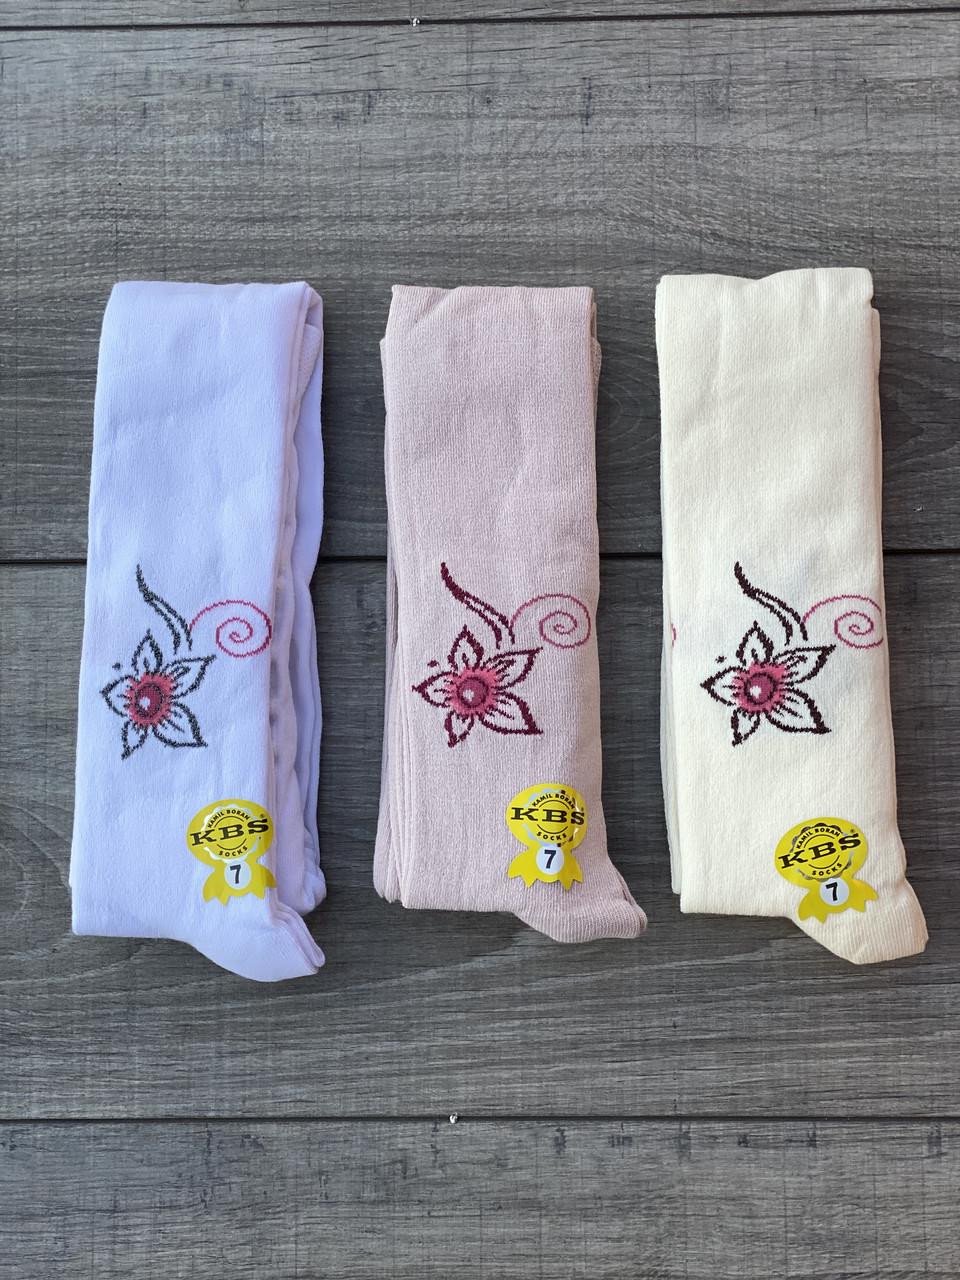 Дитячі колготи принт квітка бавовна KBS для дівчаток 7 років 6 шт. в уп. мікс із 3х кольорів